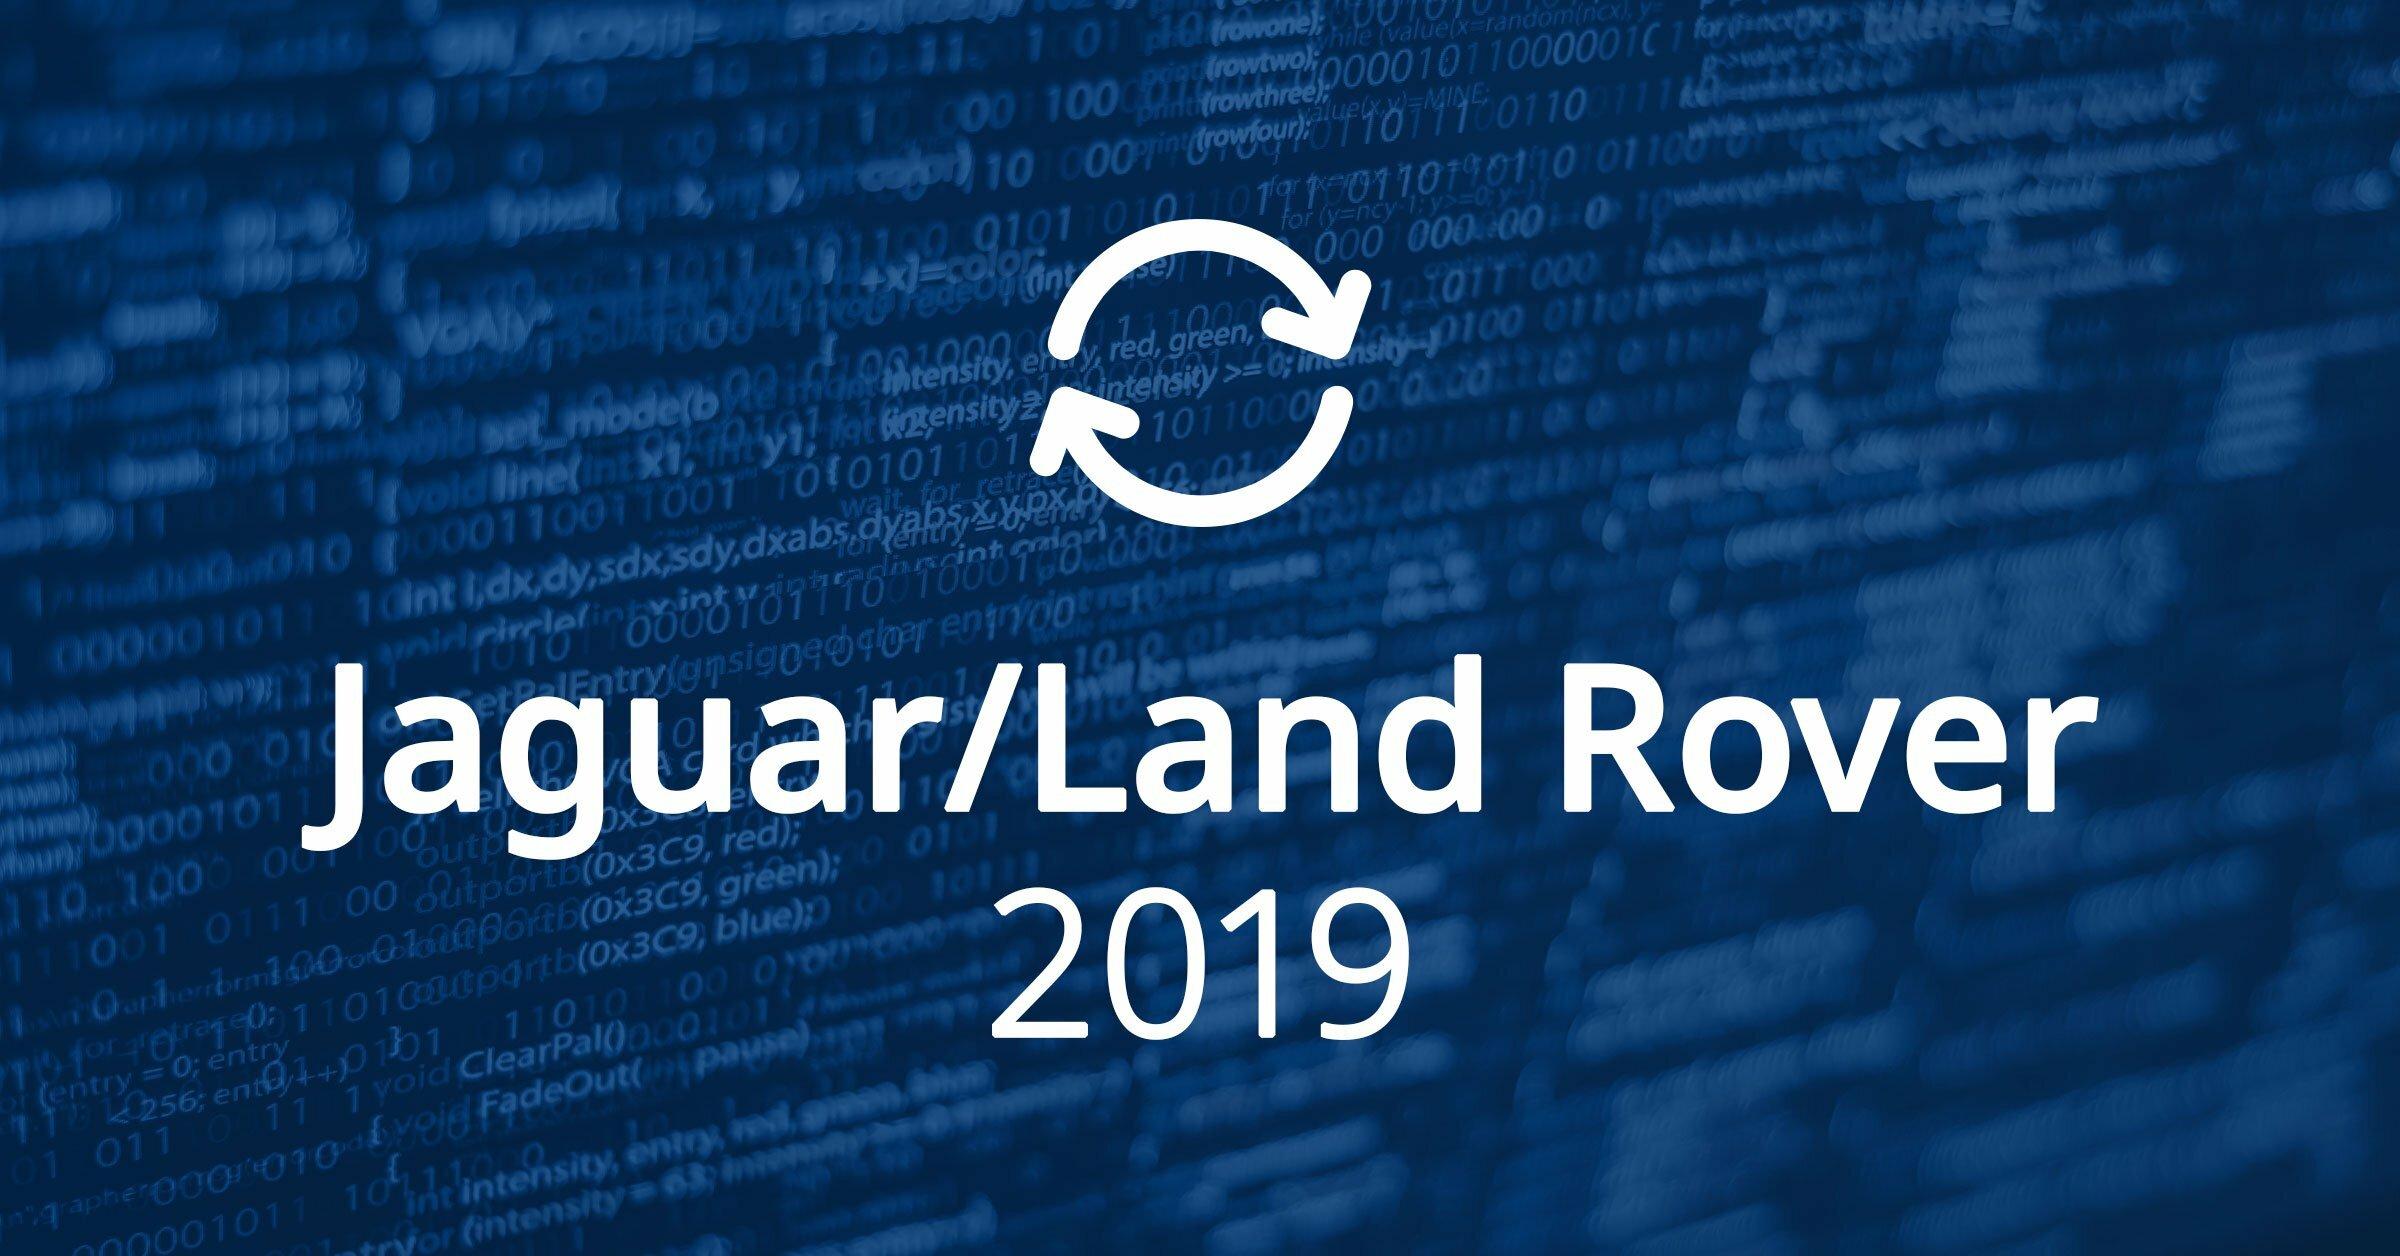 Jaguar Land Rover Software Updates 2019